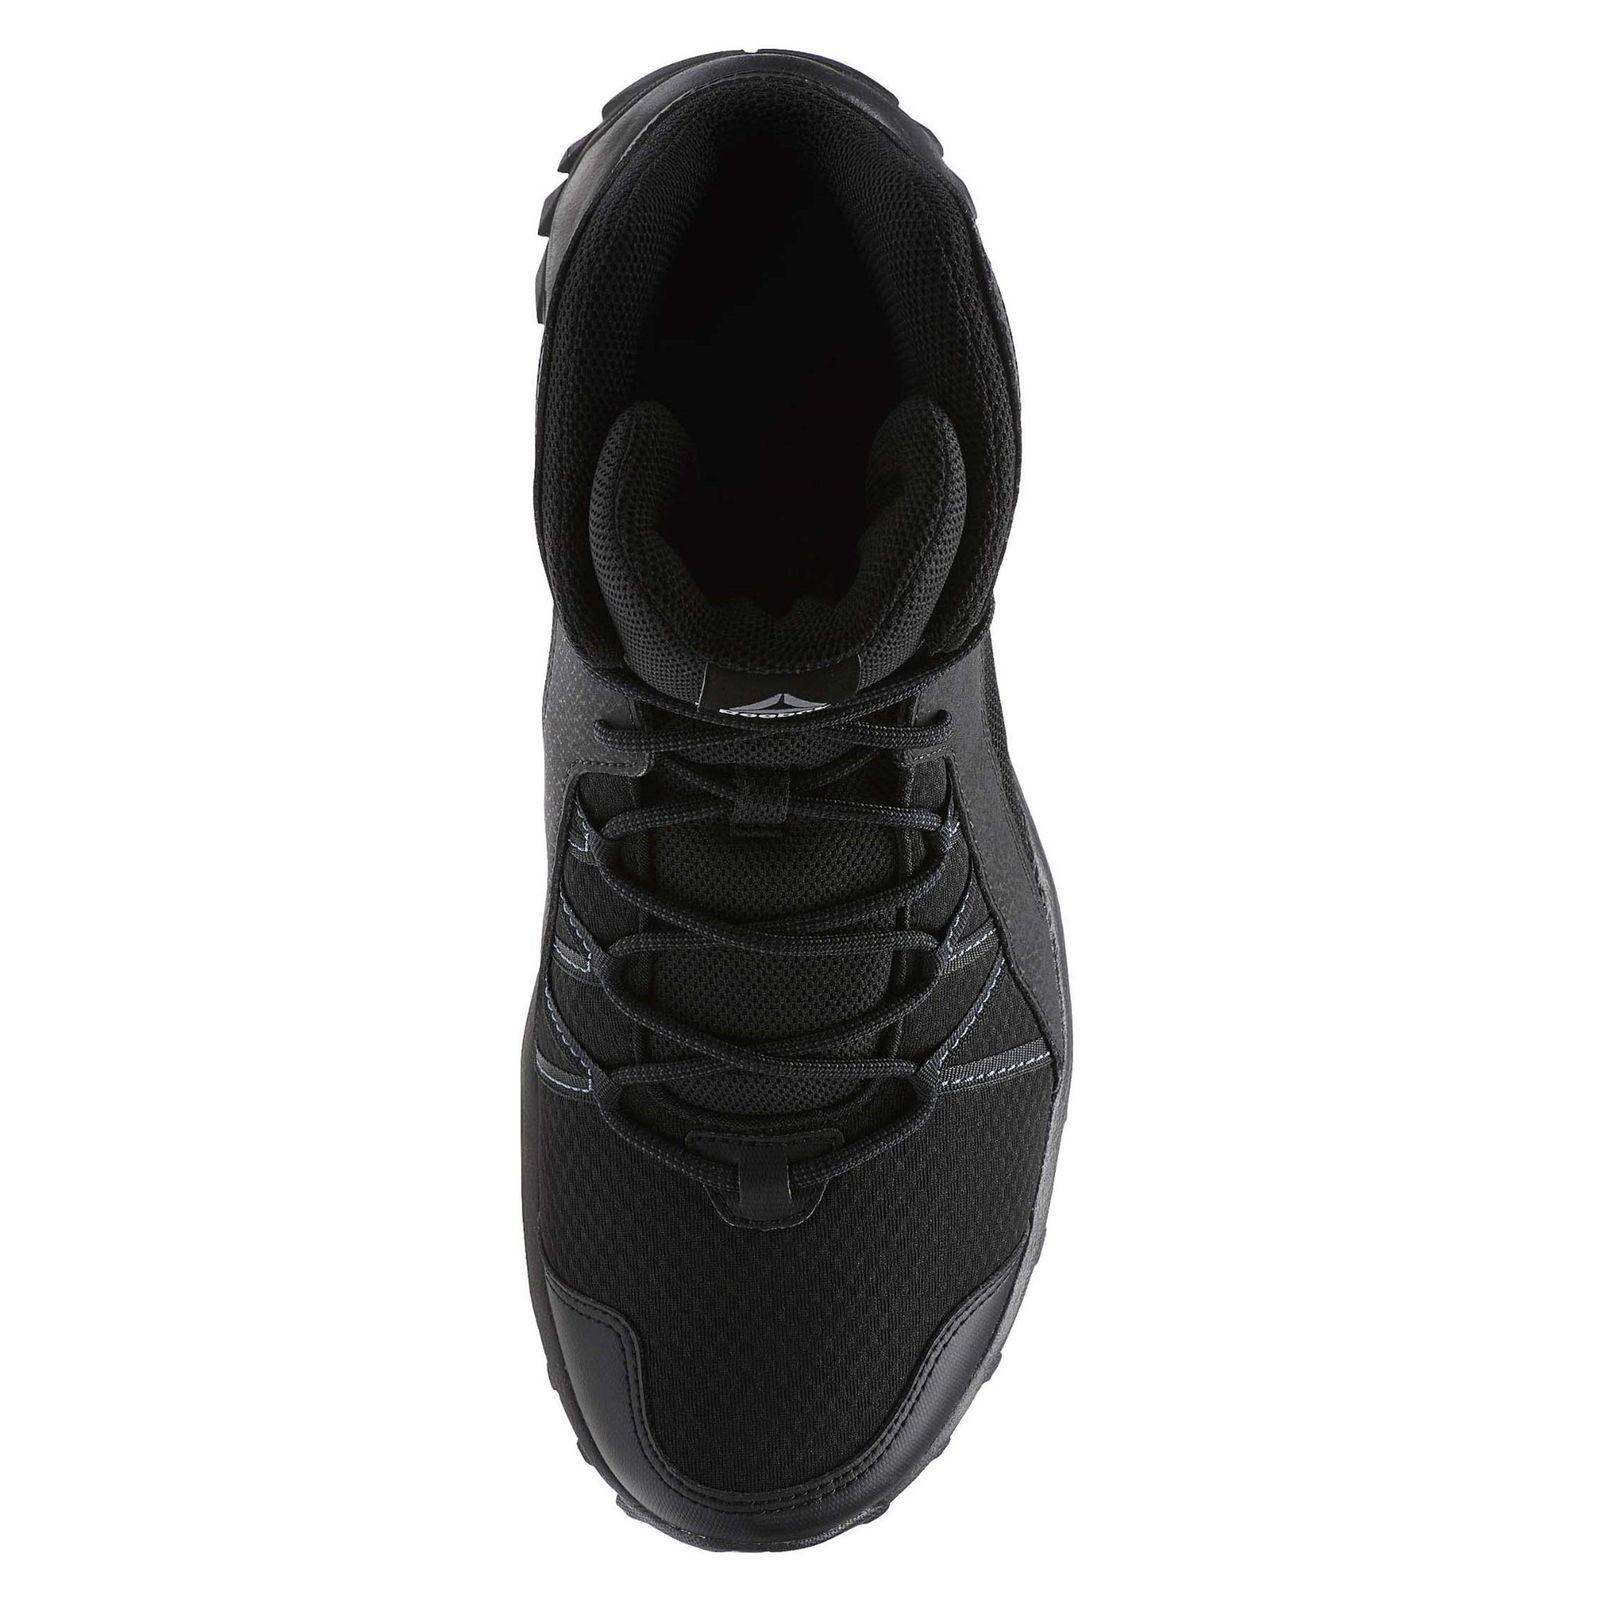 کفش طبیعت گردی بندی مردانه Trailgrip Mid 6-0 - ریباک - مشکي - 5